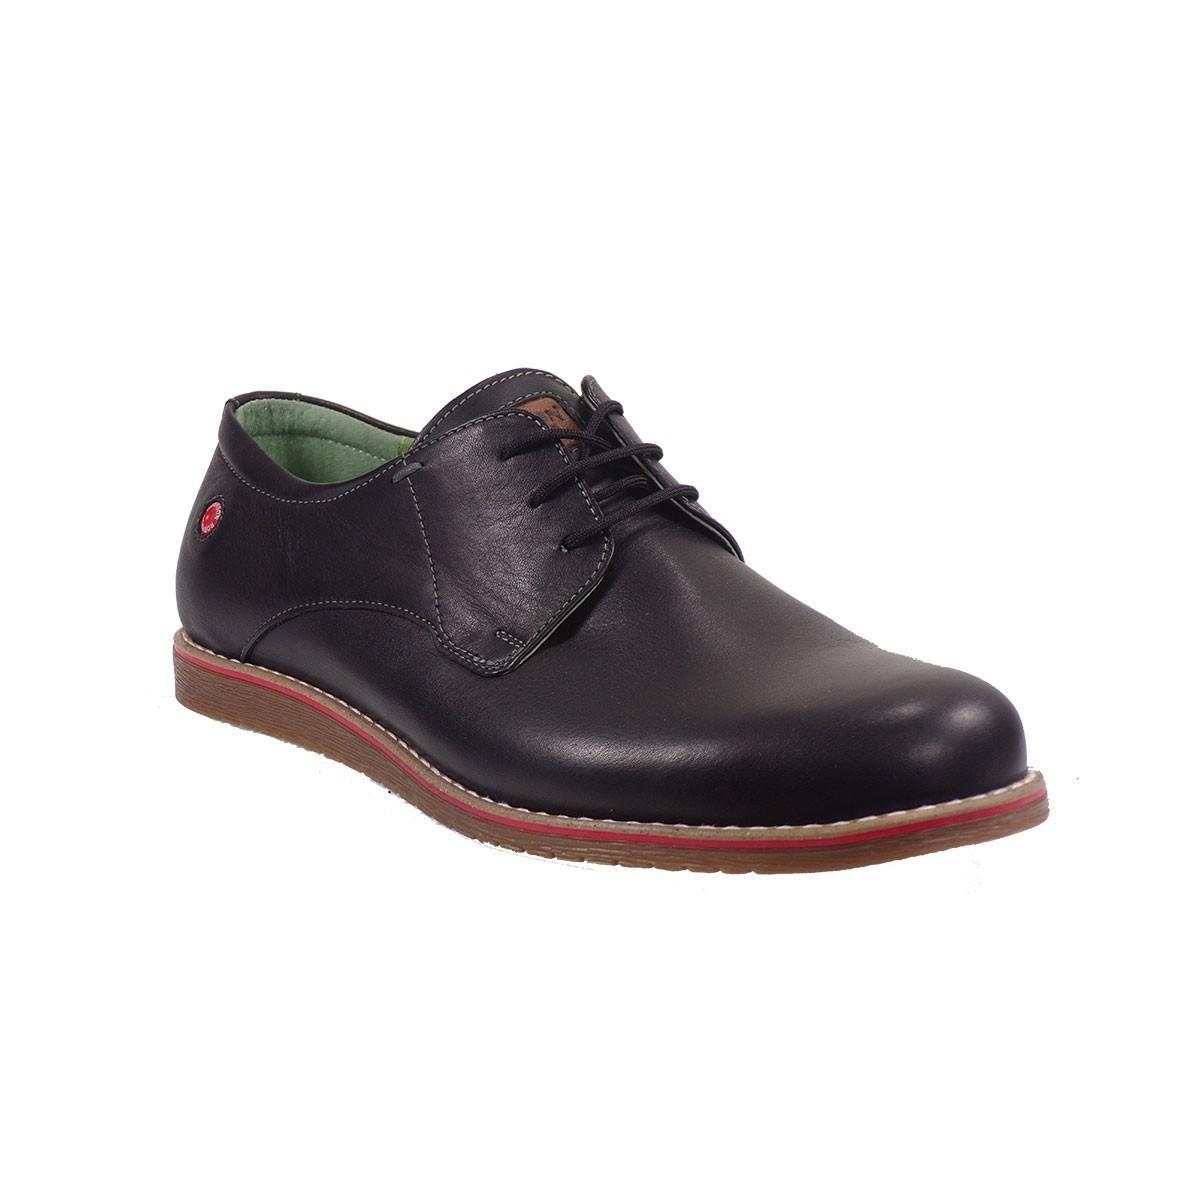 Fratelli Robinson Ανδρικά Παπούτσια 1708 Μαύρο  ac2eb0dc221